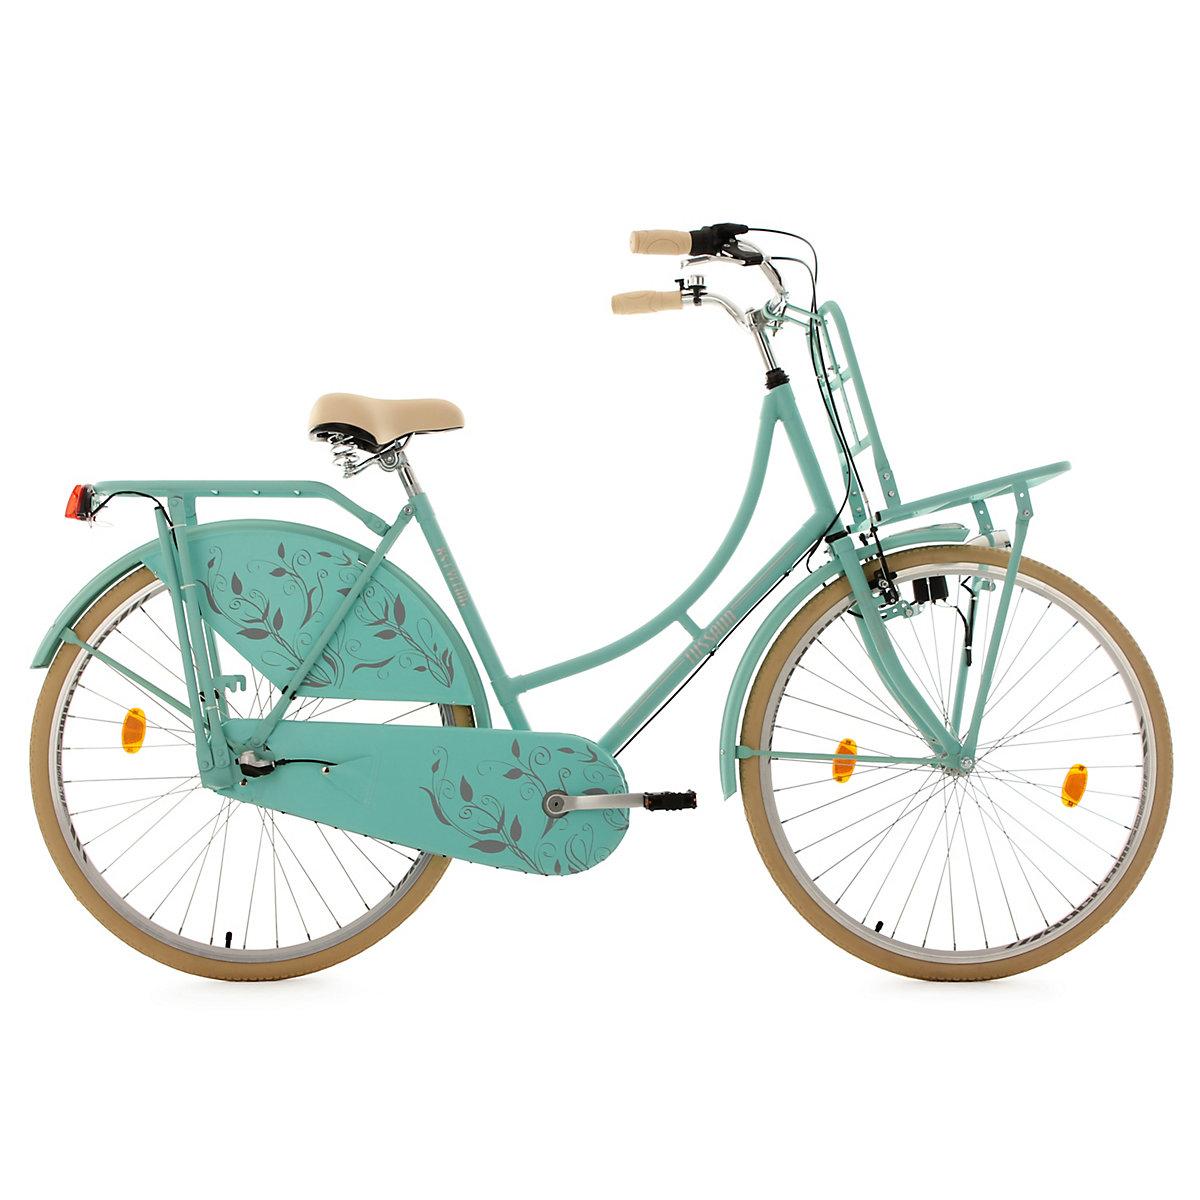 Hollandrad KS Cycling Tussaud 28 Zoll 54cm 3 Gang mit Frontgepäckträger Damen - matt grün